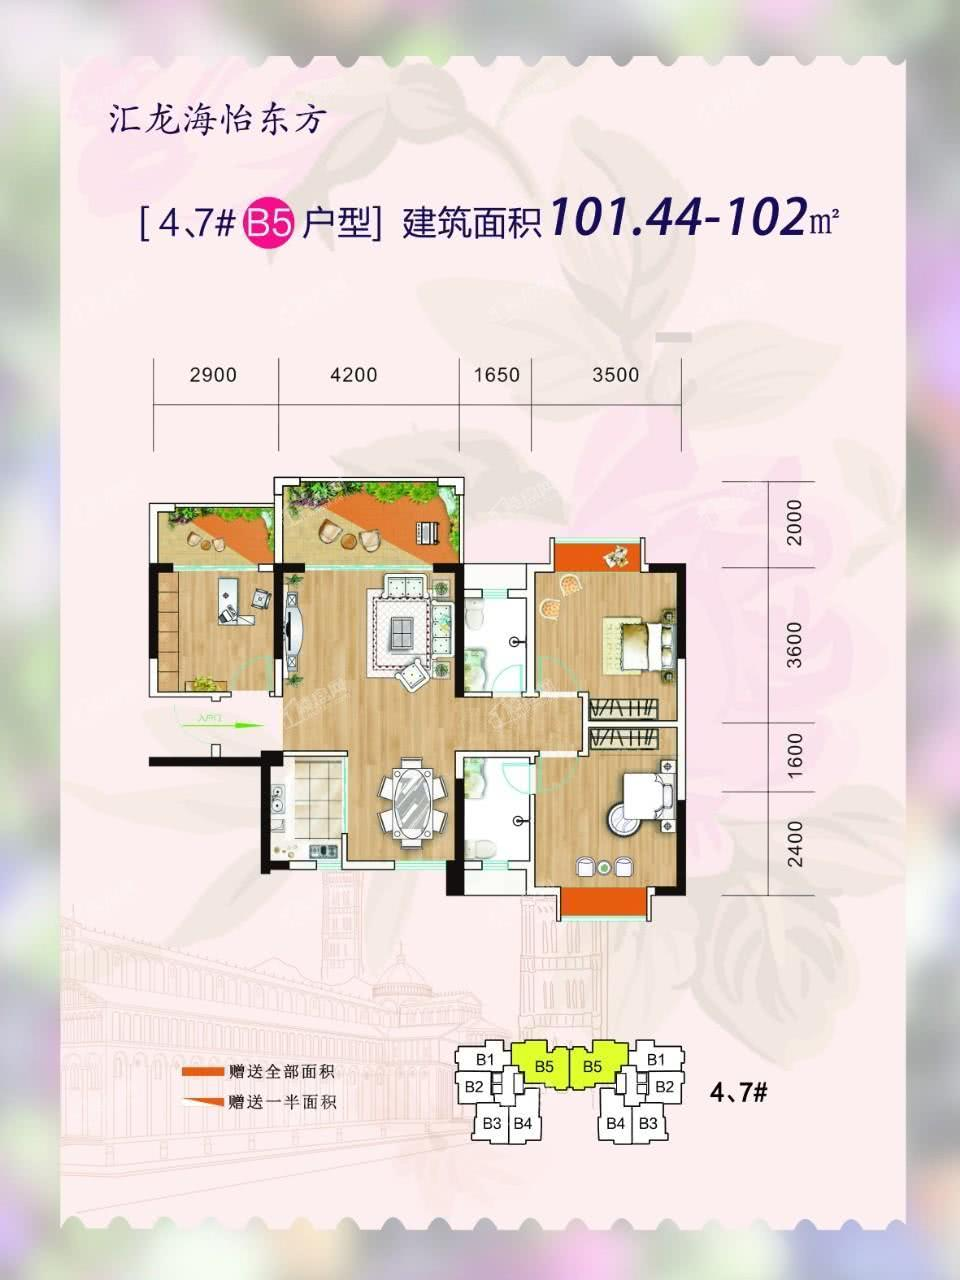 4/7#B5户型三房两厅建面约101.44-102㎡